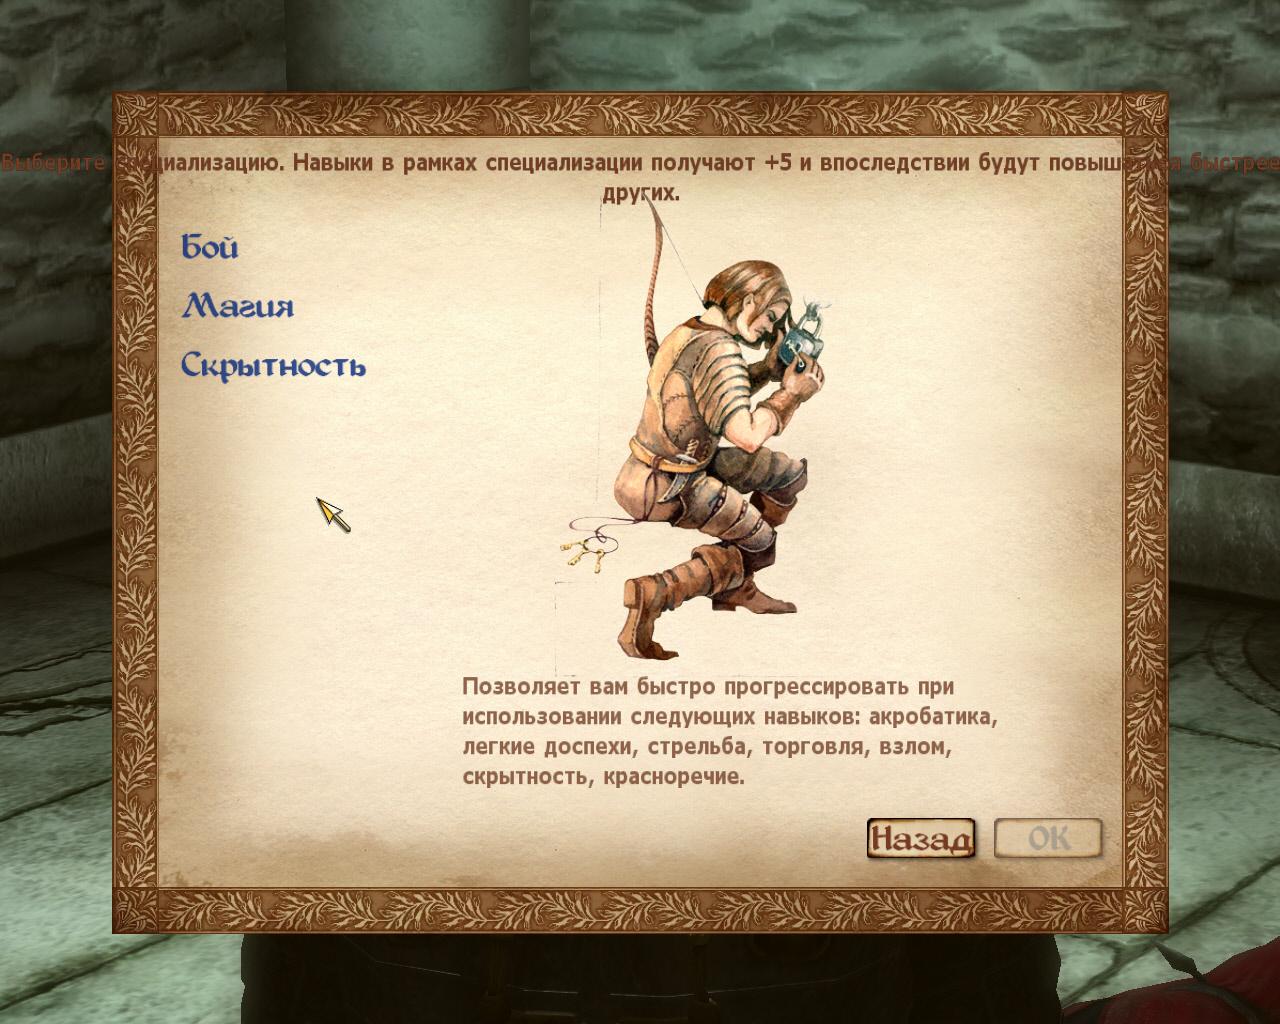 игры для знакомства создание персонажей